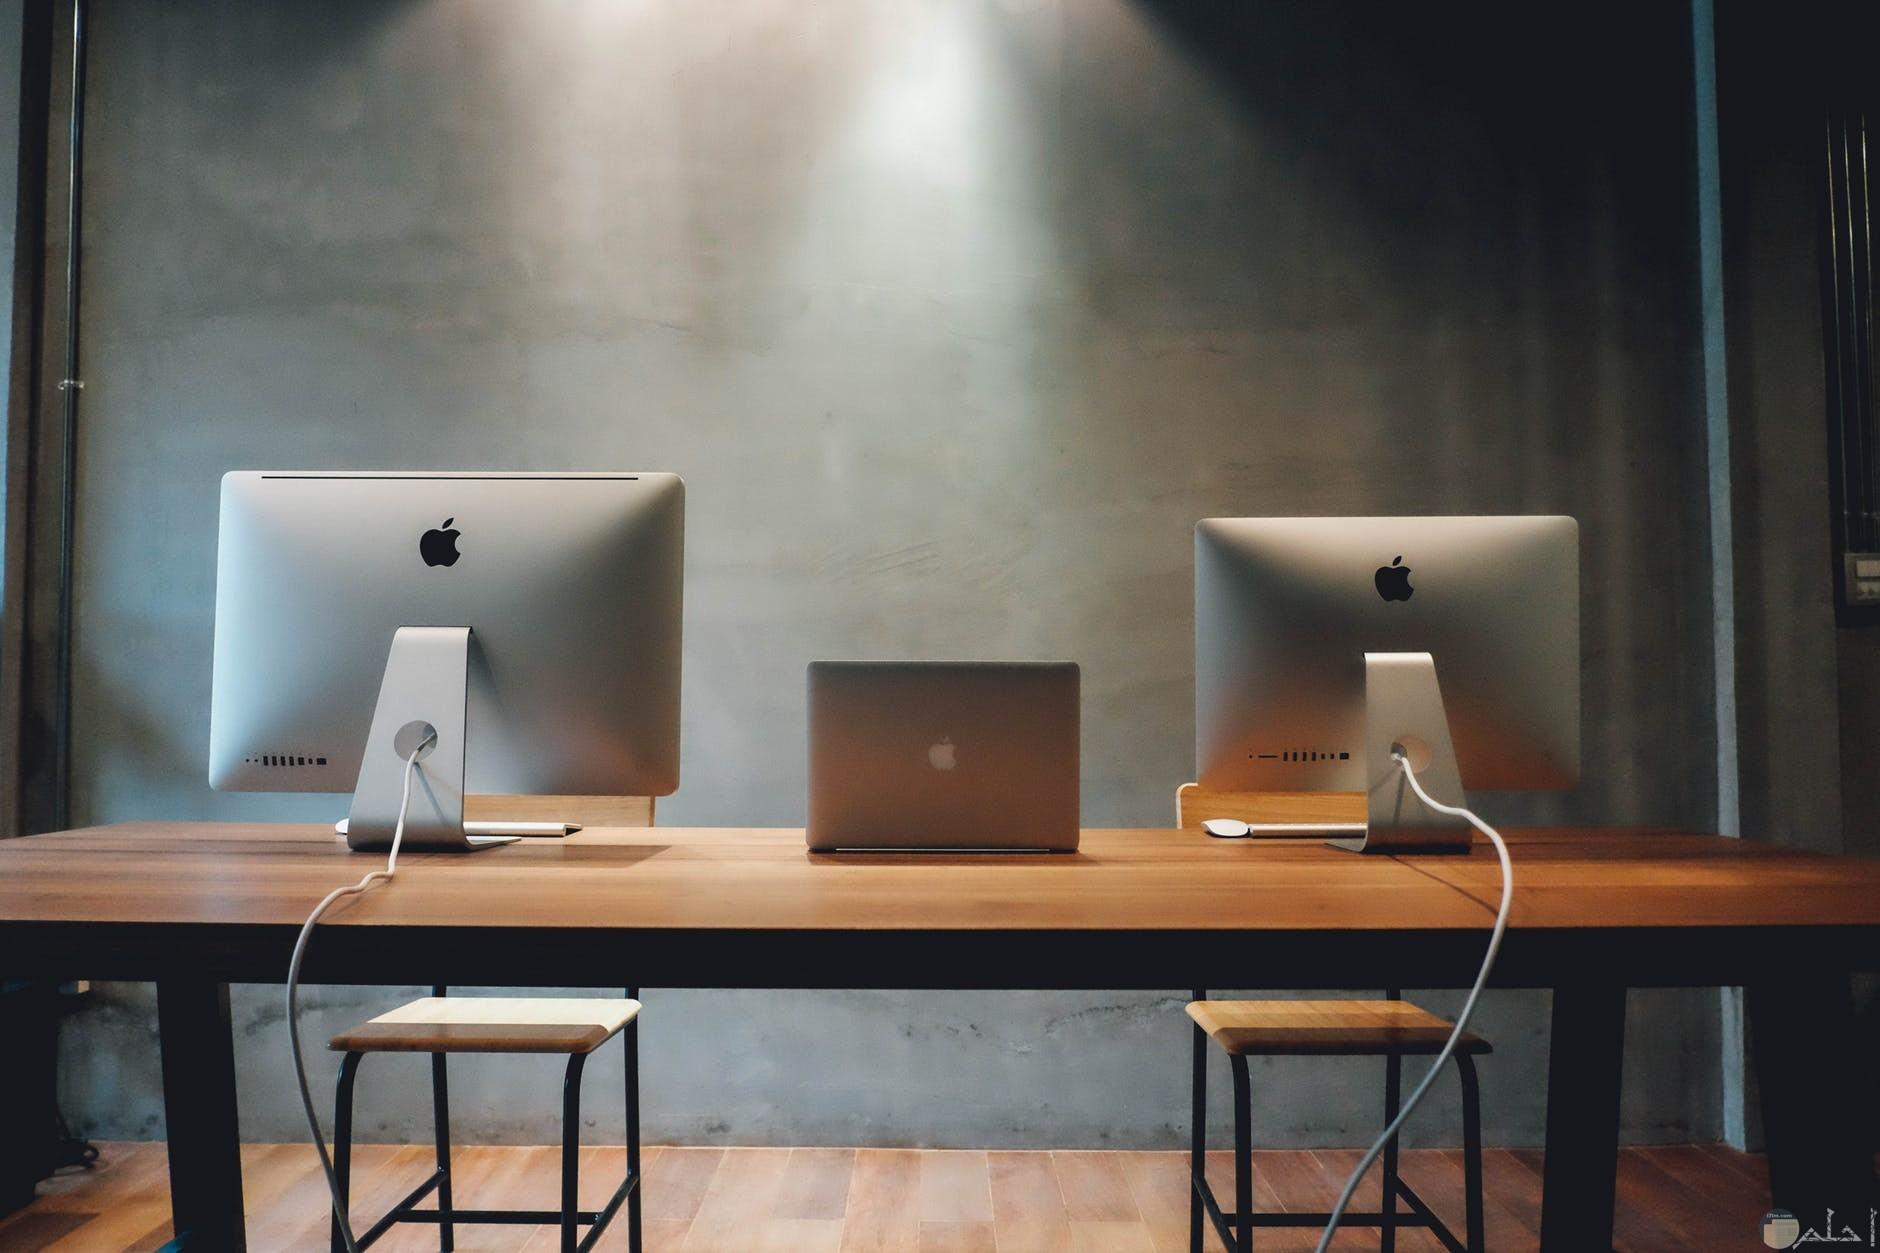 مكتب مزدوج غاية في الجمال